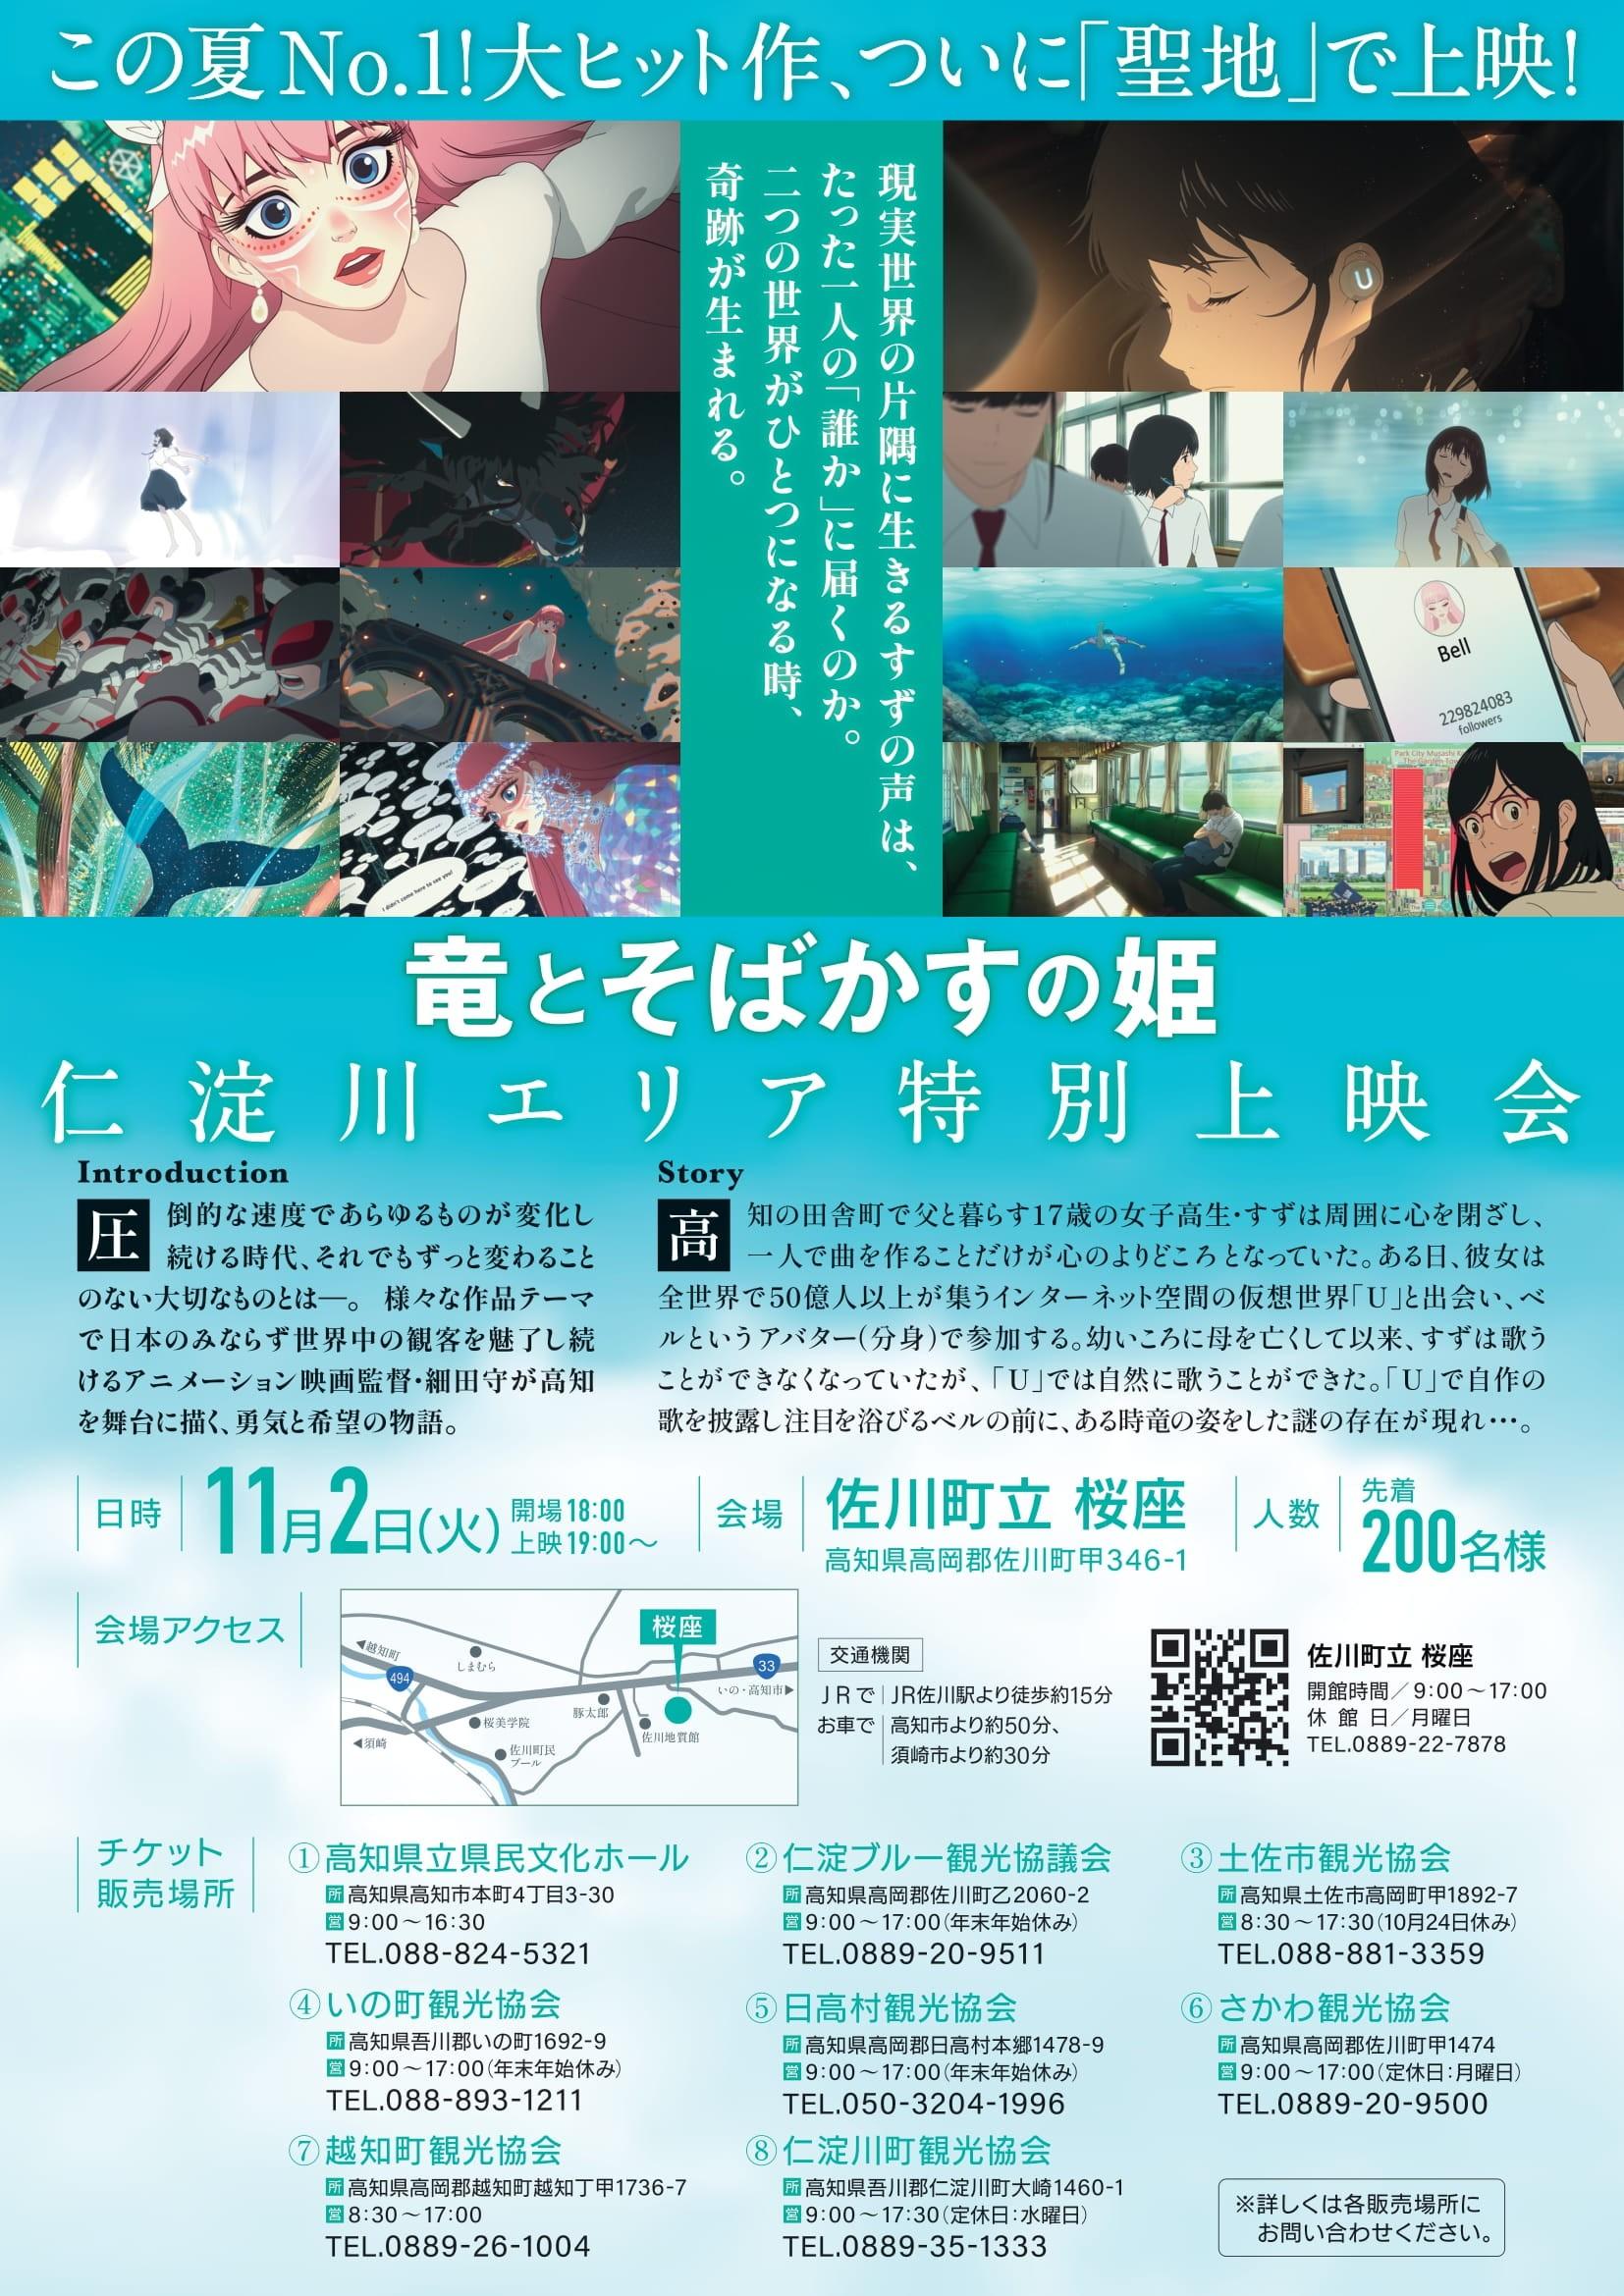 映画「竜とそばかすの姫」仁淀川流域特別上映会